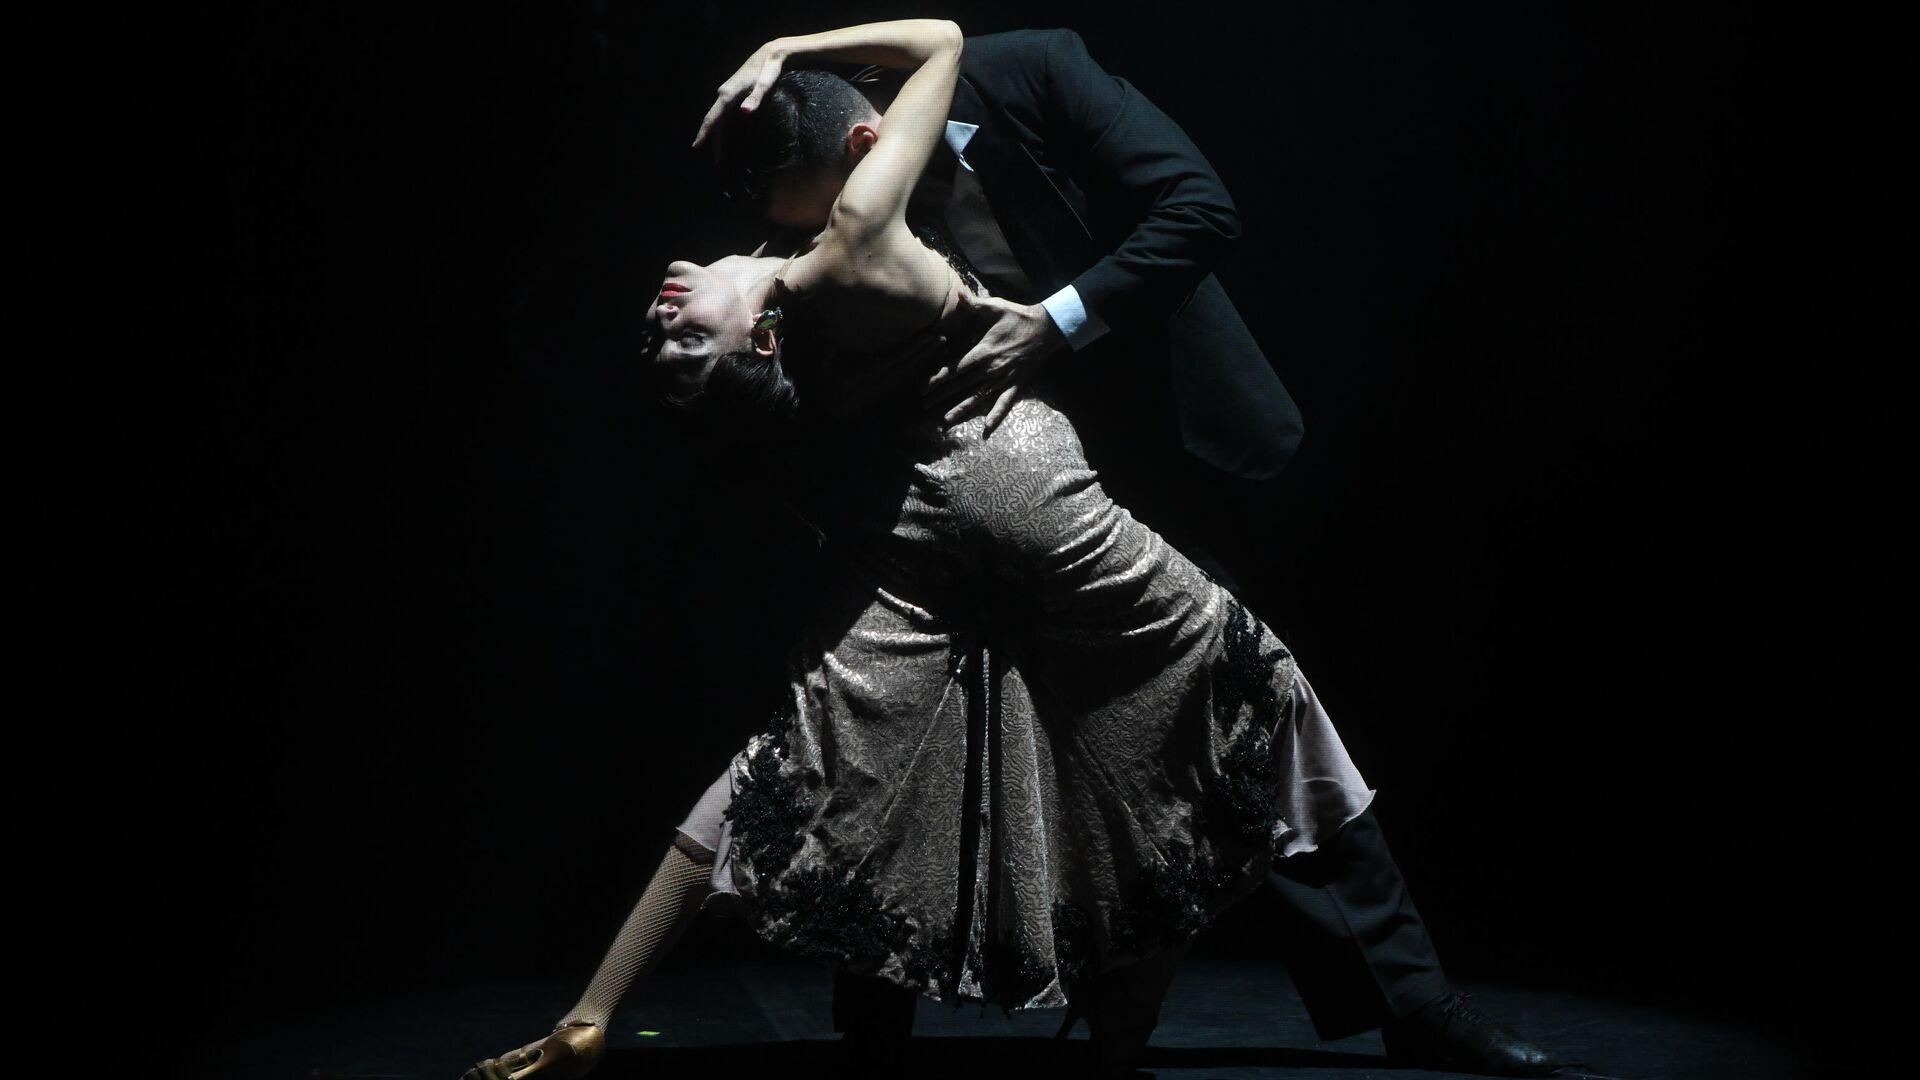 Espectáculo argentino 'Tango After Dark' en el Festival de Teatro Internacional Chéjov - Sputnik Mundo, 1920, 31.05.2021